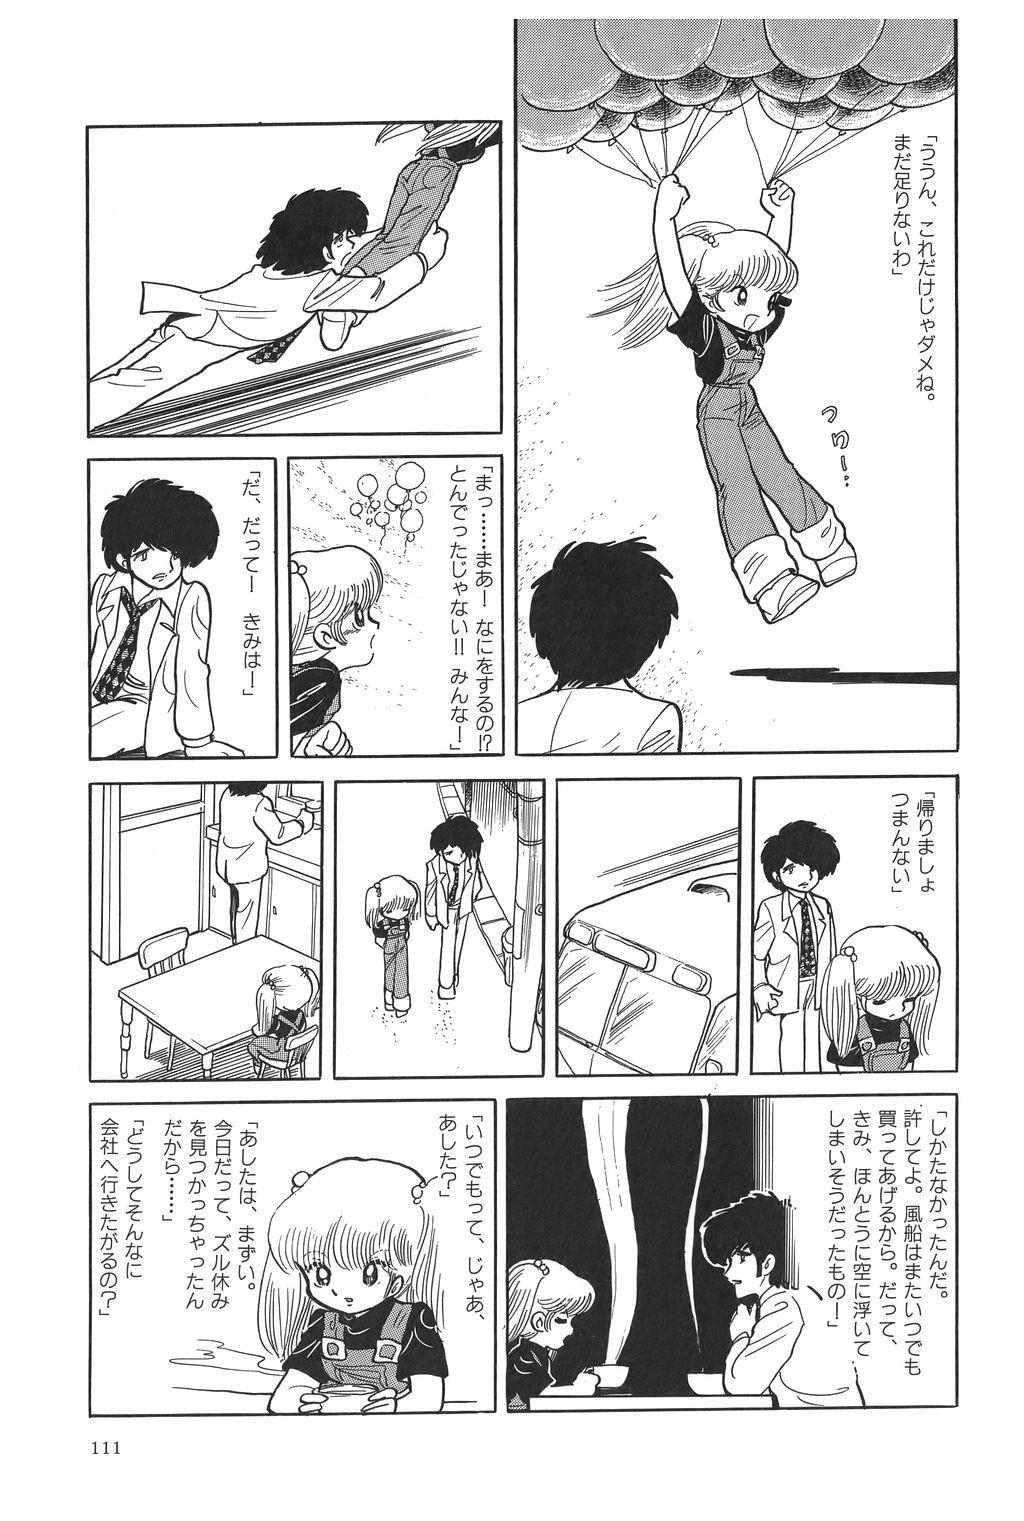 Azuma Hideo Sakuhin Shuusei - Yoru no Tobari no Naka de 113